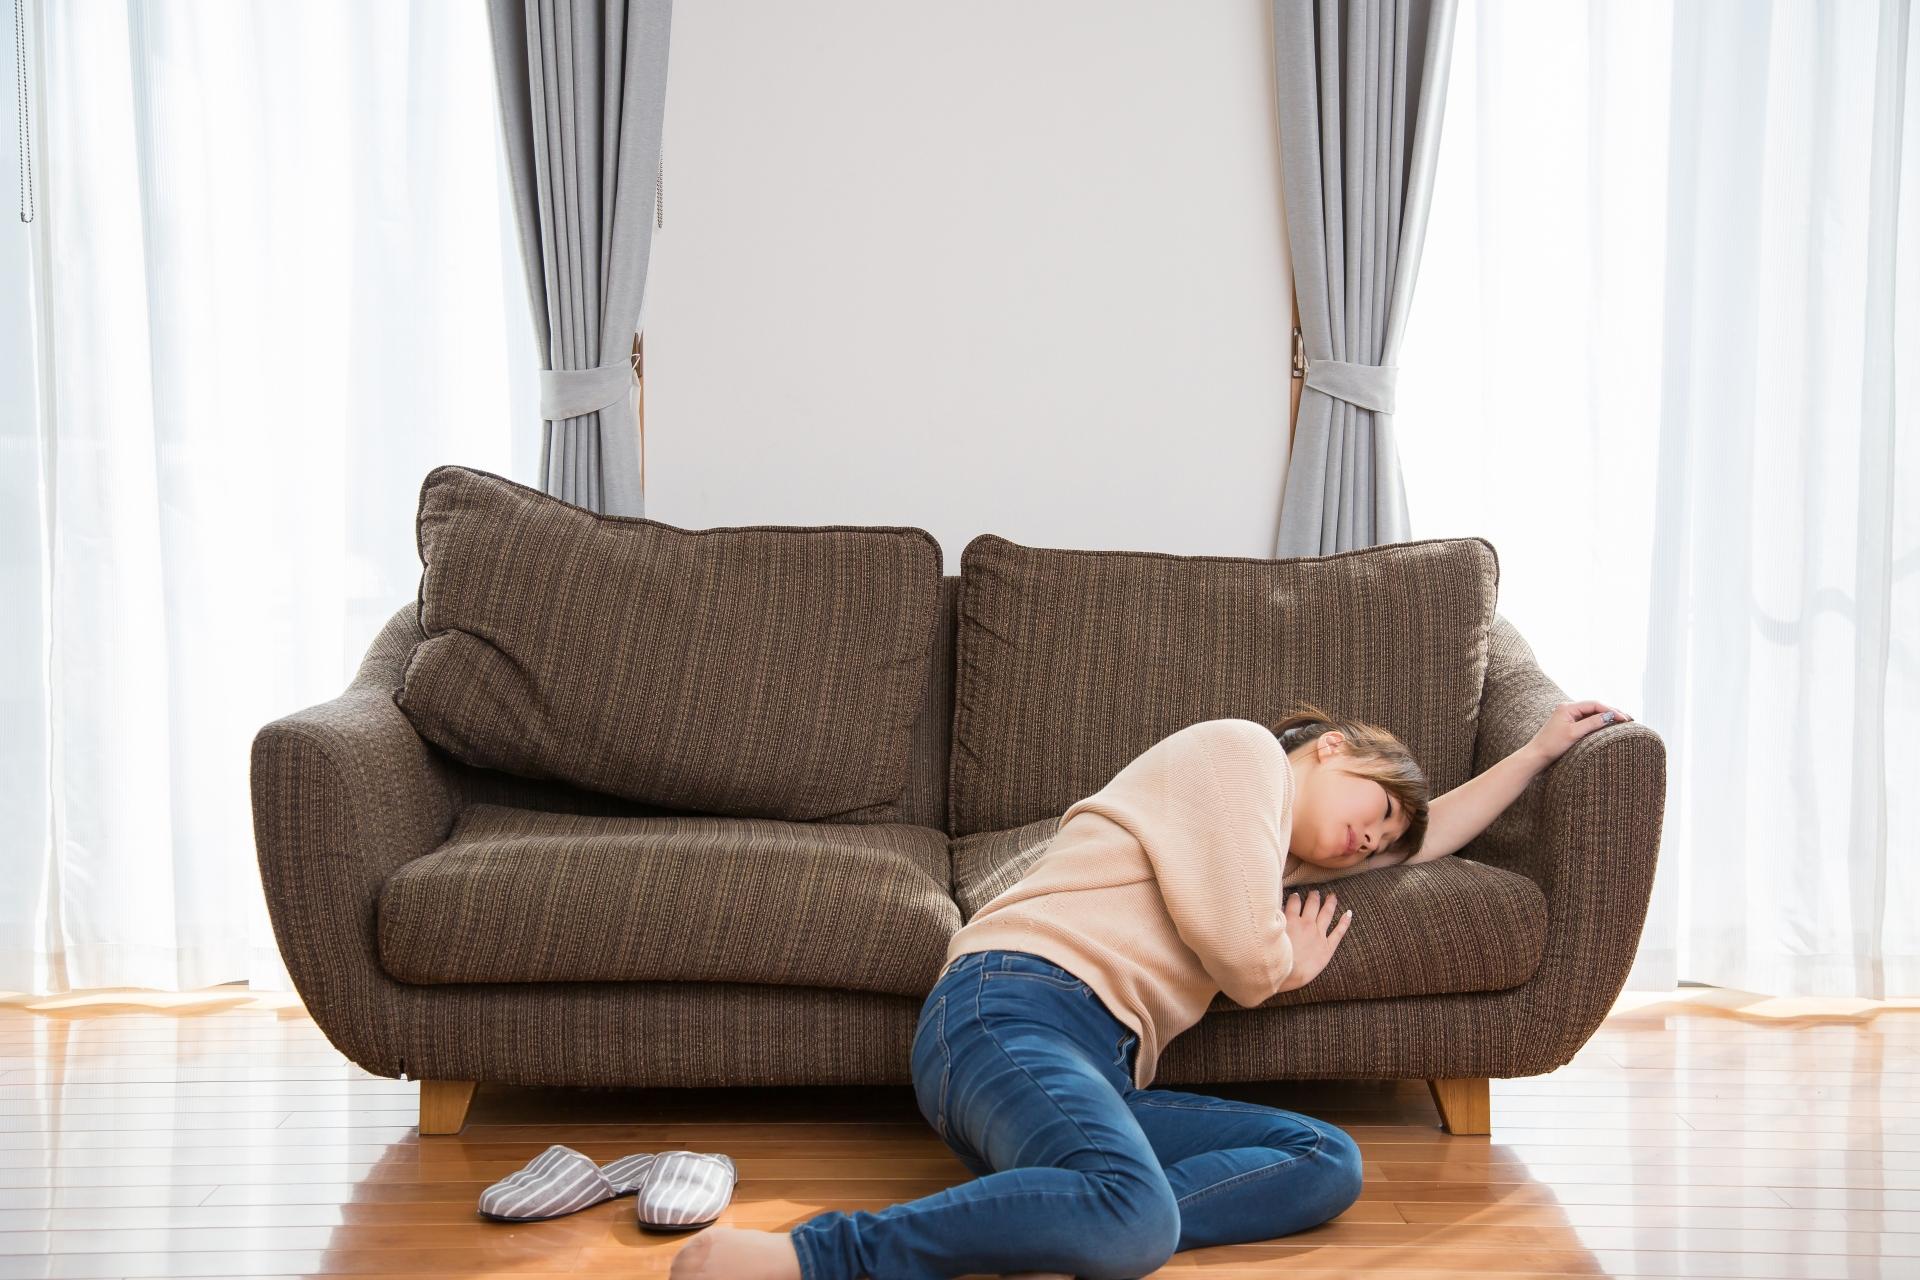 浅い眠りは質の低い睡眠で、心身の不調を招きます。